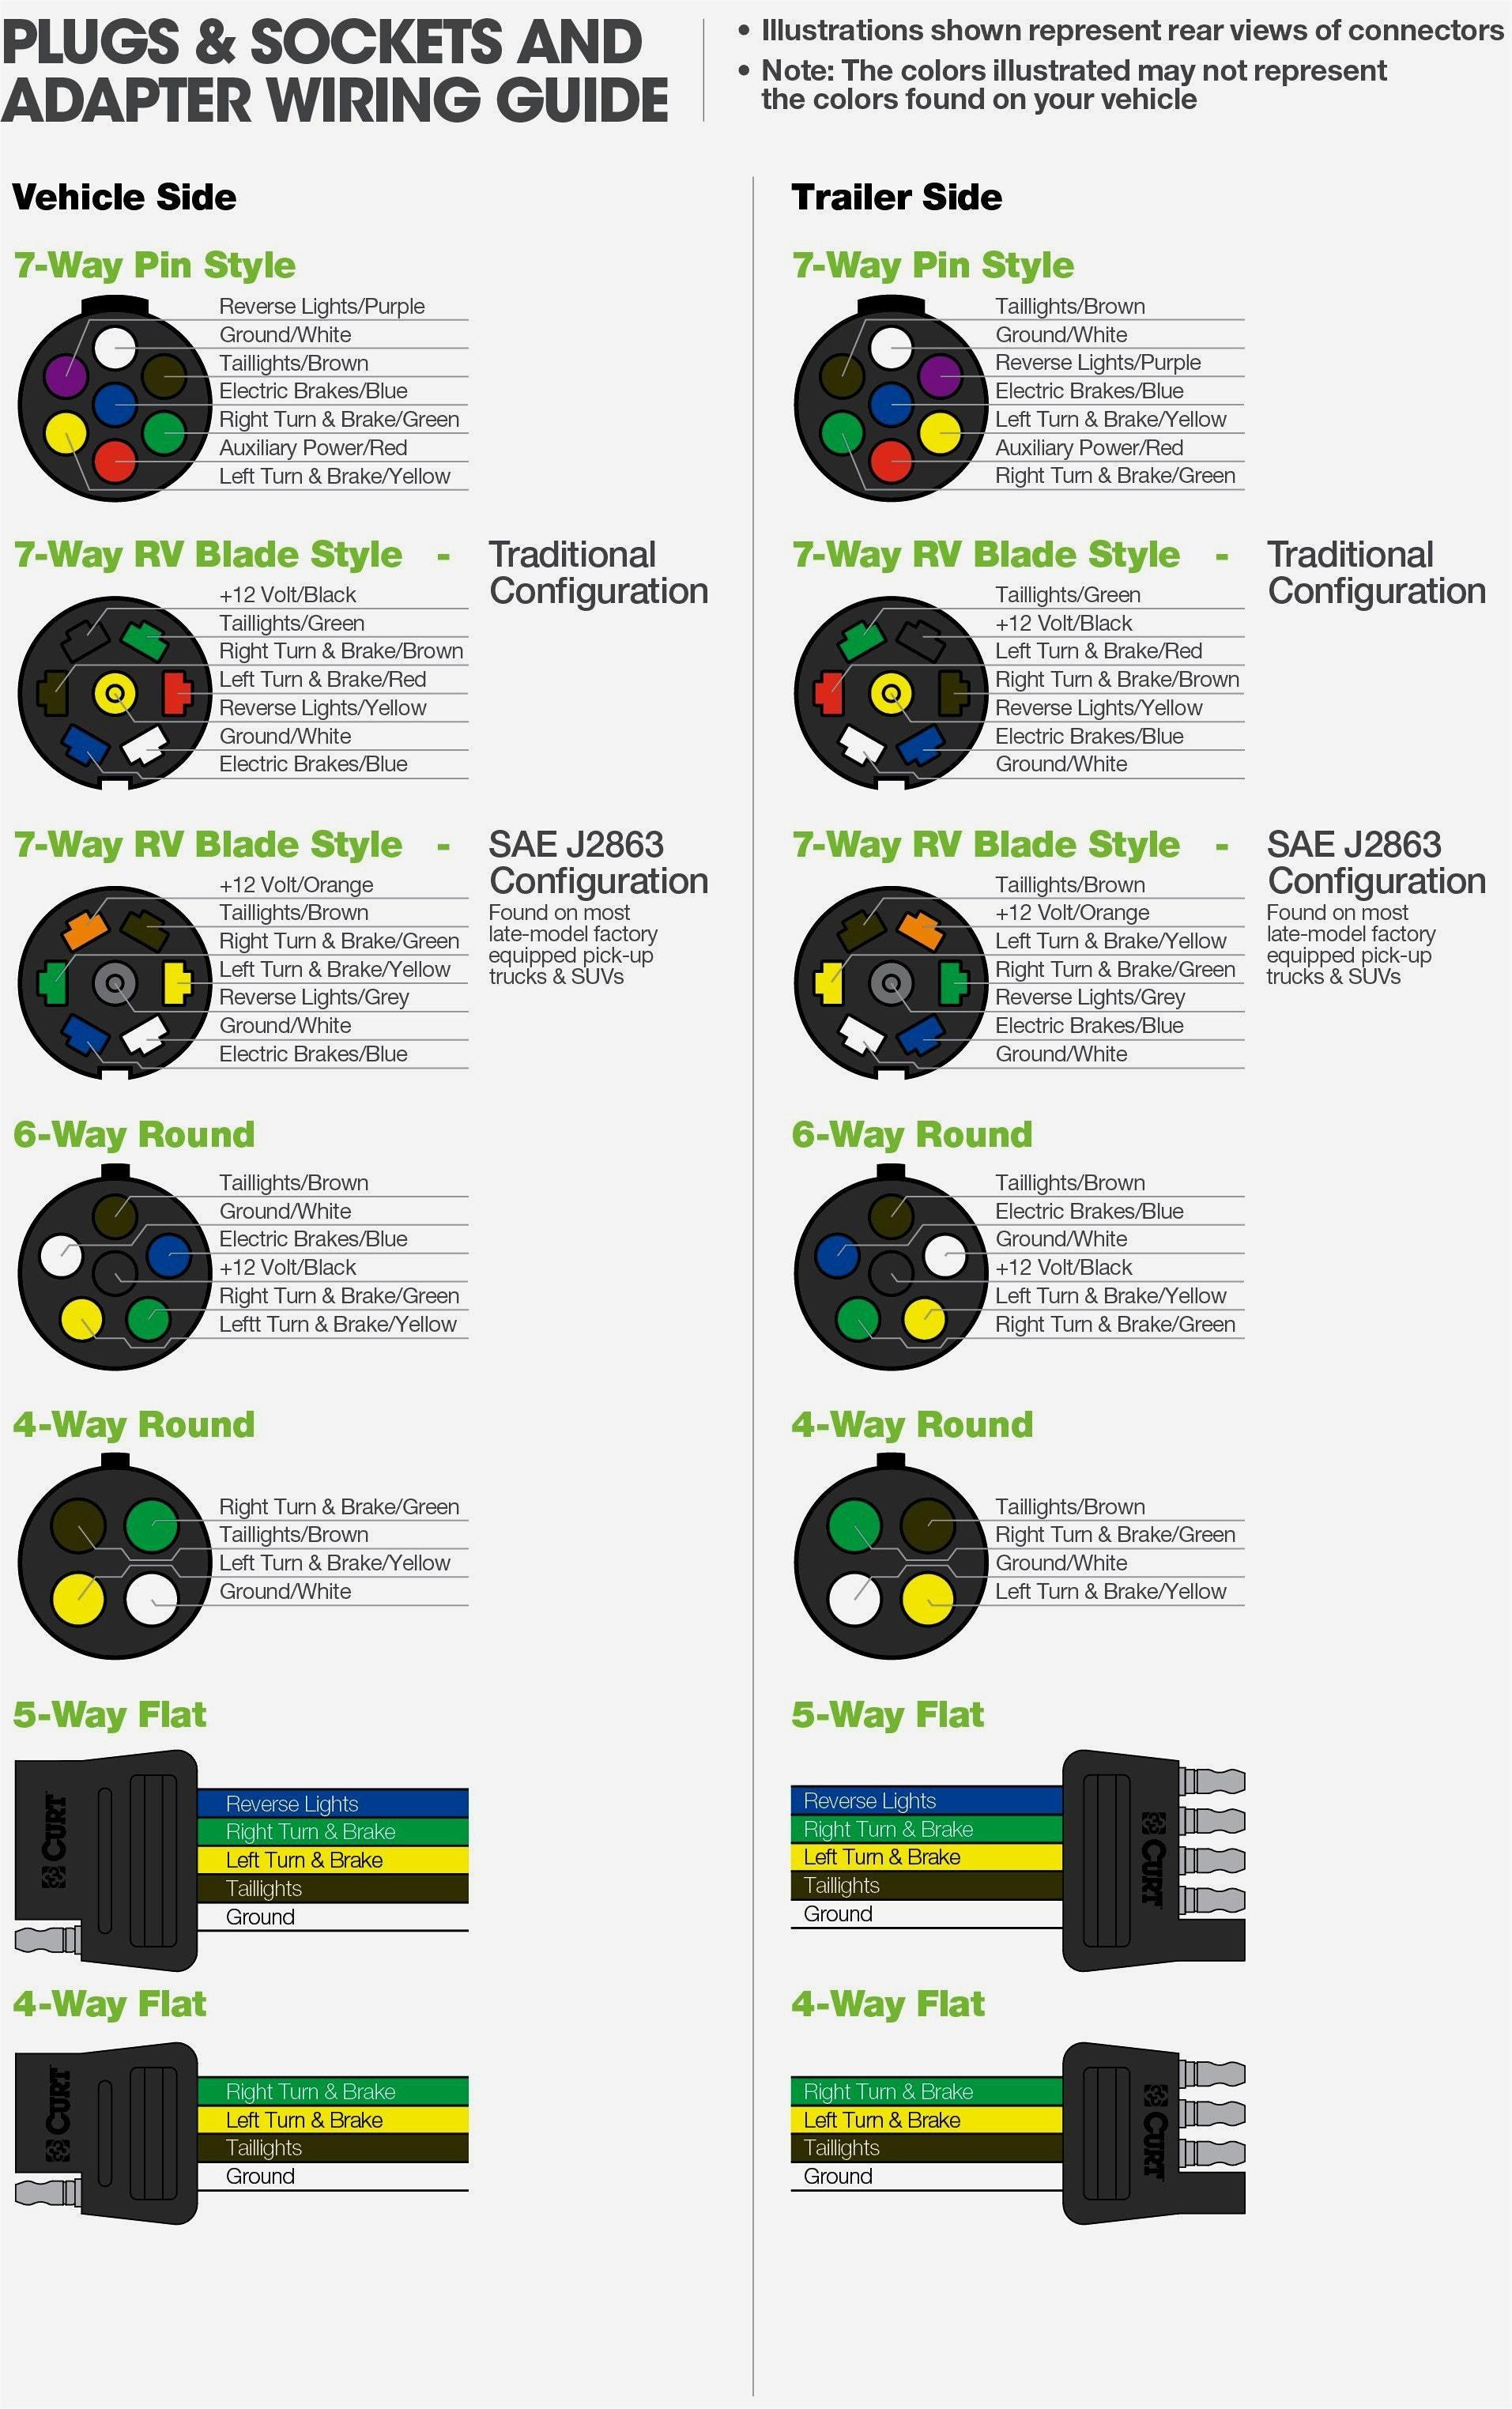 5 Pin Trailer Plug Wiring Diagram 7 Pin Round Trailer Plug Wiring Diagram Webtor Me Ripping Afif Of 5 Pin Trailer Plug Wiring Diagram